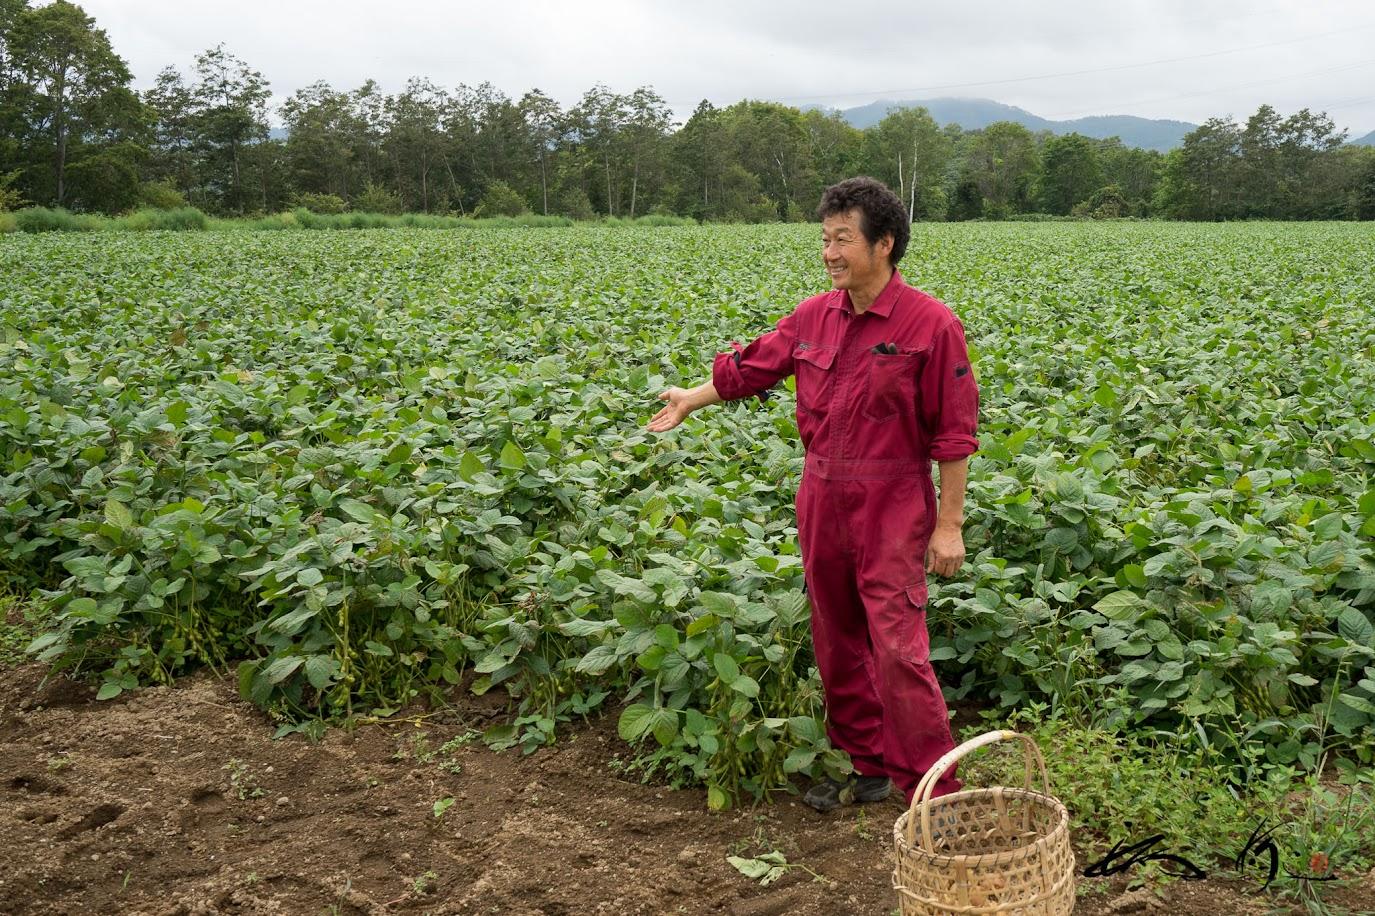 ご丁寧に畑を説明してくださる農園主の後藤進さん